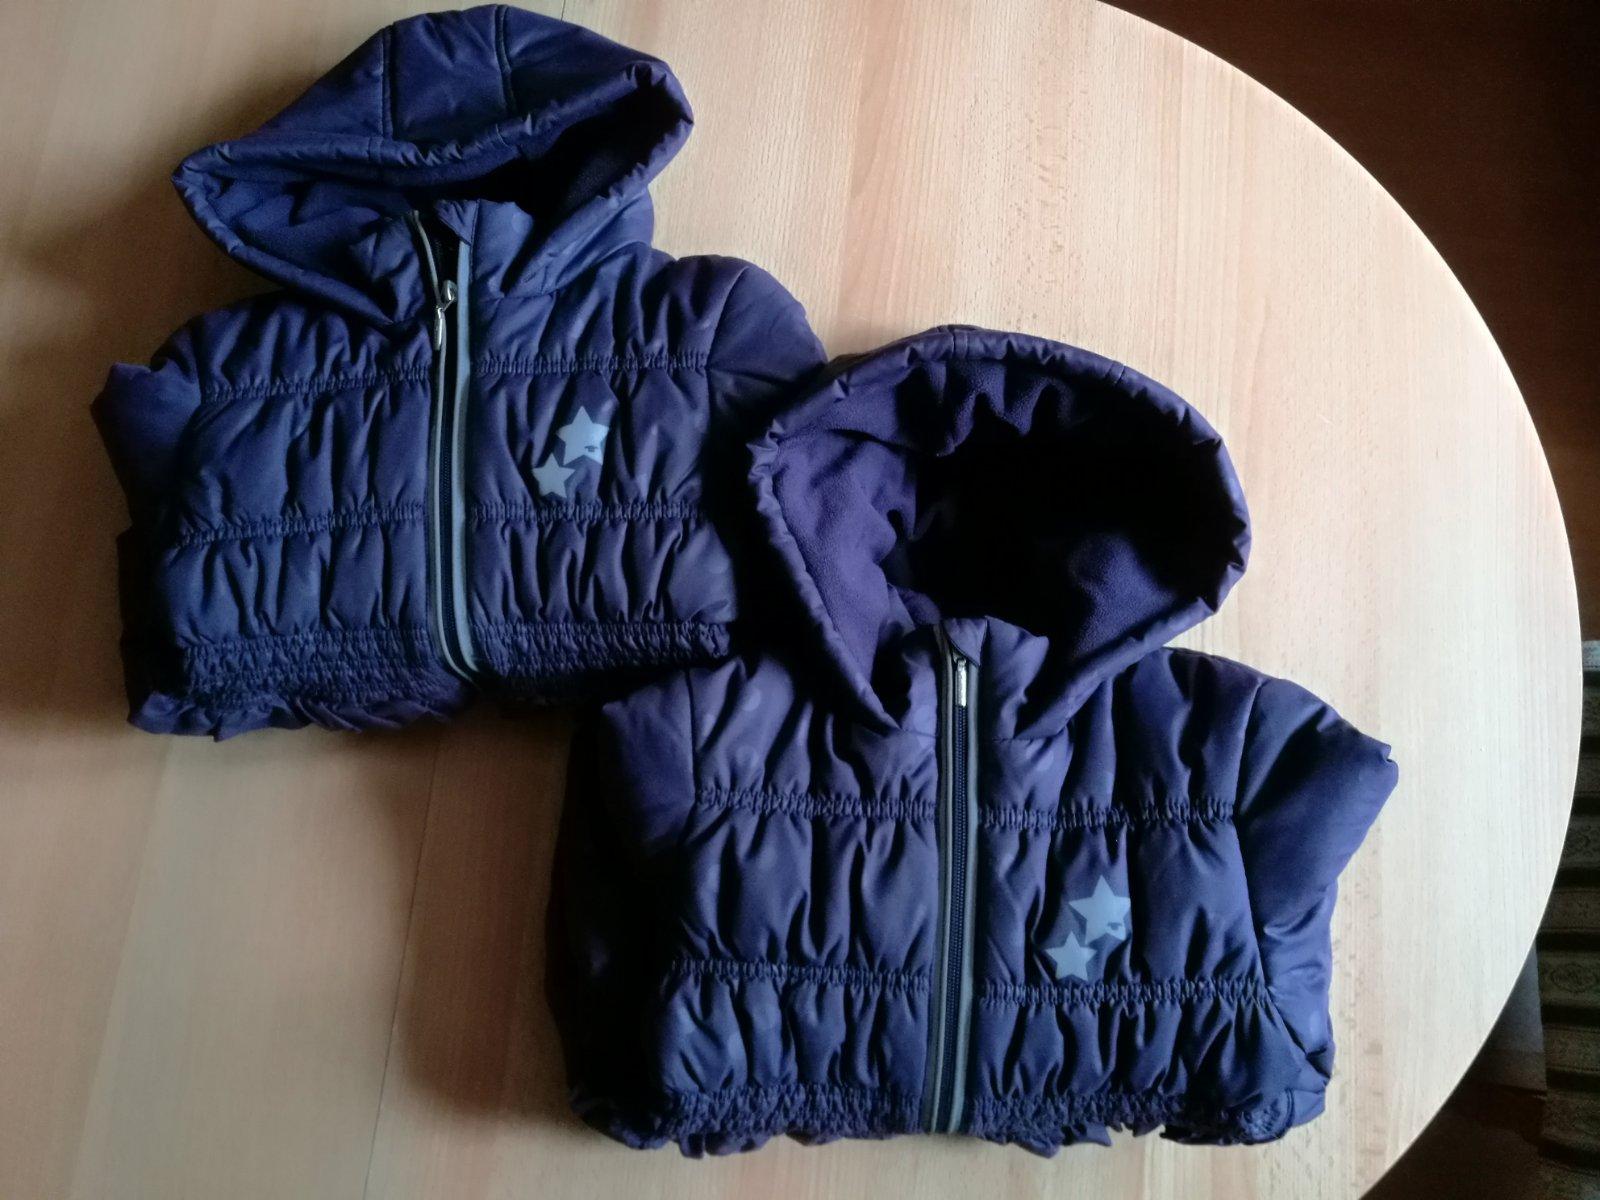 Dievcenske zimne bundy tom tailor vel.116 122 359e4d378c6